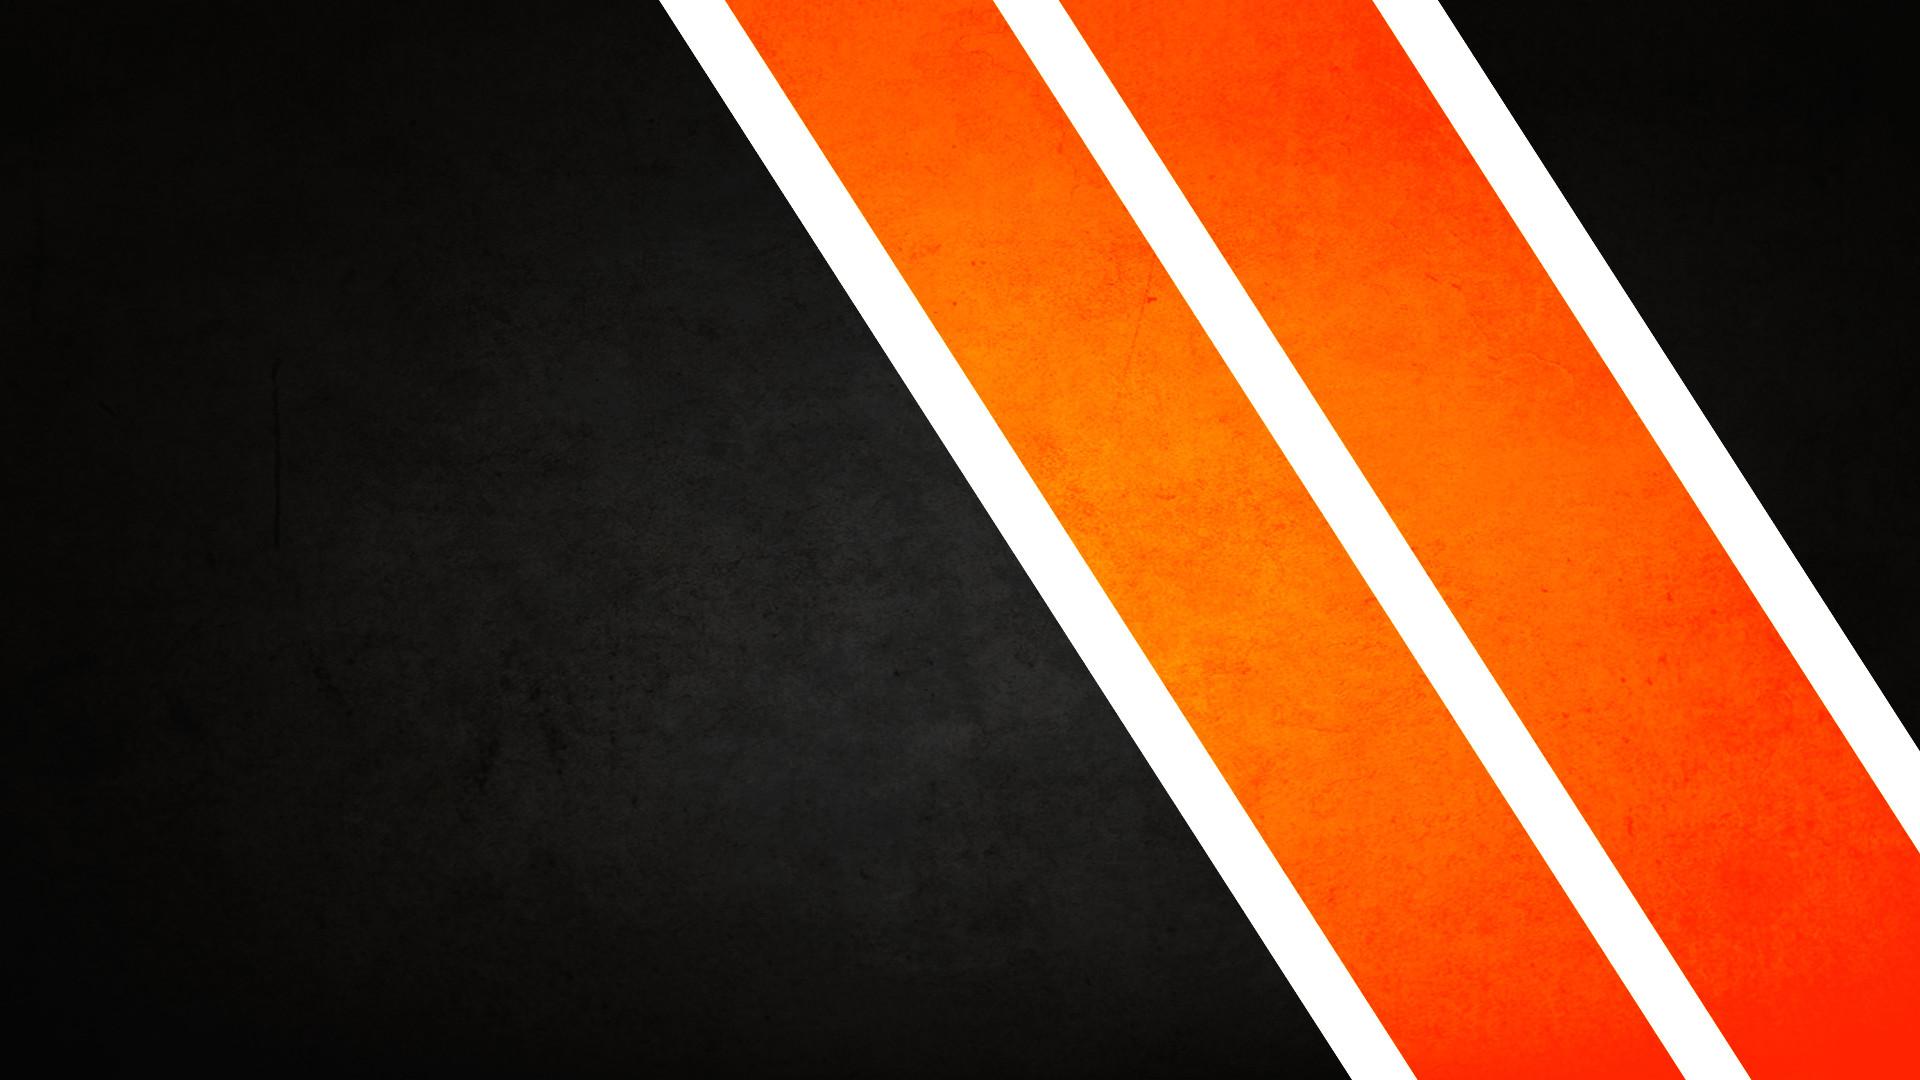 minimalistic pattern striped texture / Wallpaper | Wallpapers |  Pinterest | Stripes texture and Wallpaper